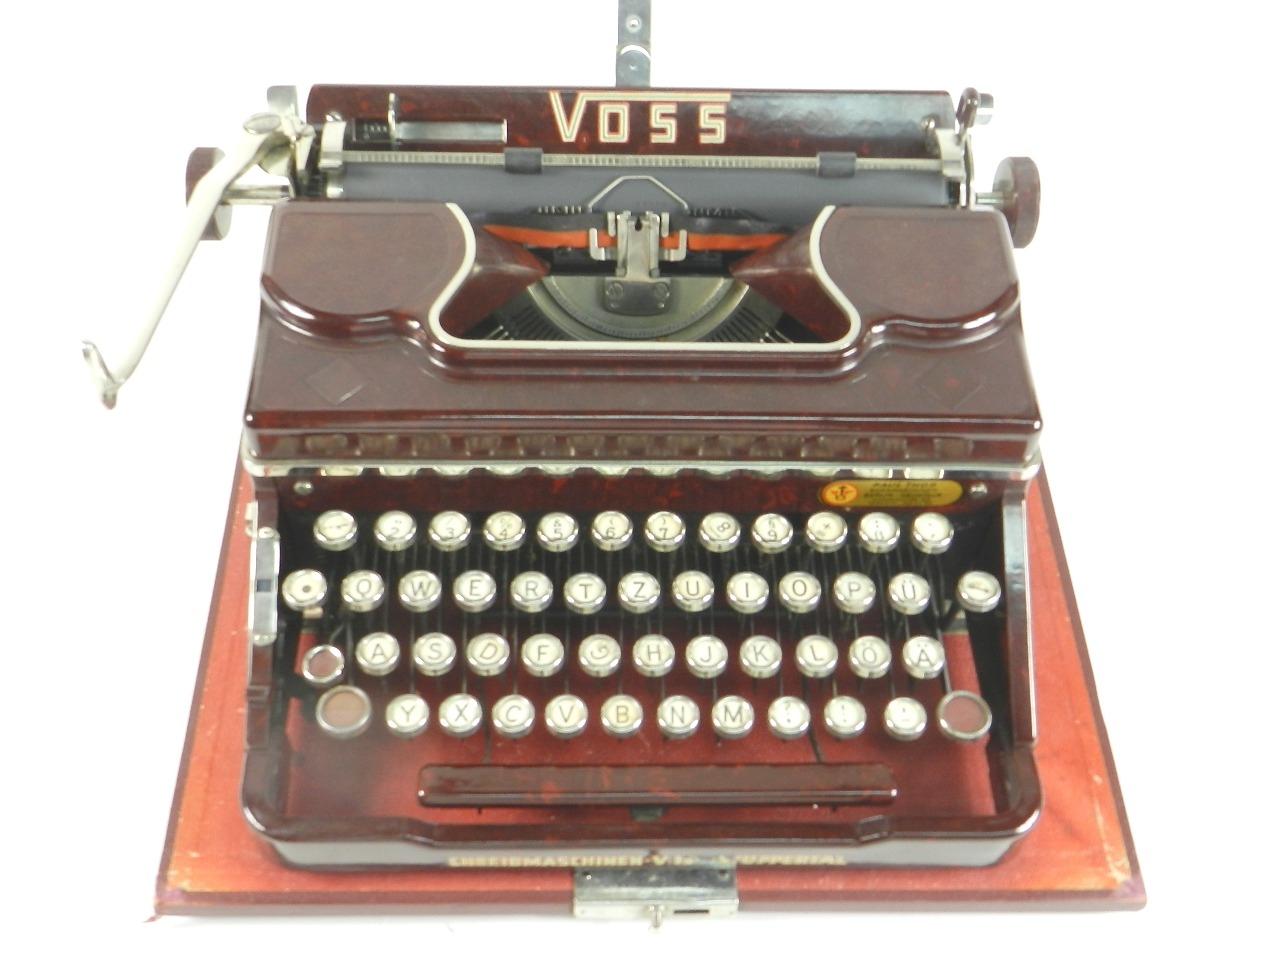 Imagen VOSS AÑO 1950  BAQUELITA ROJA 29631